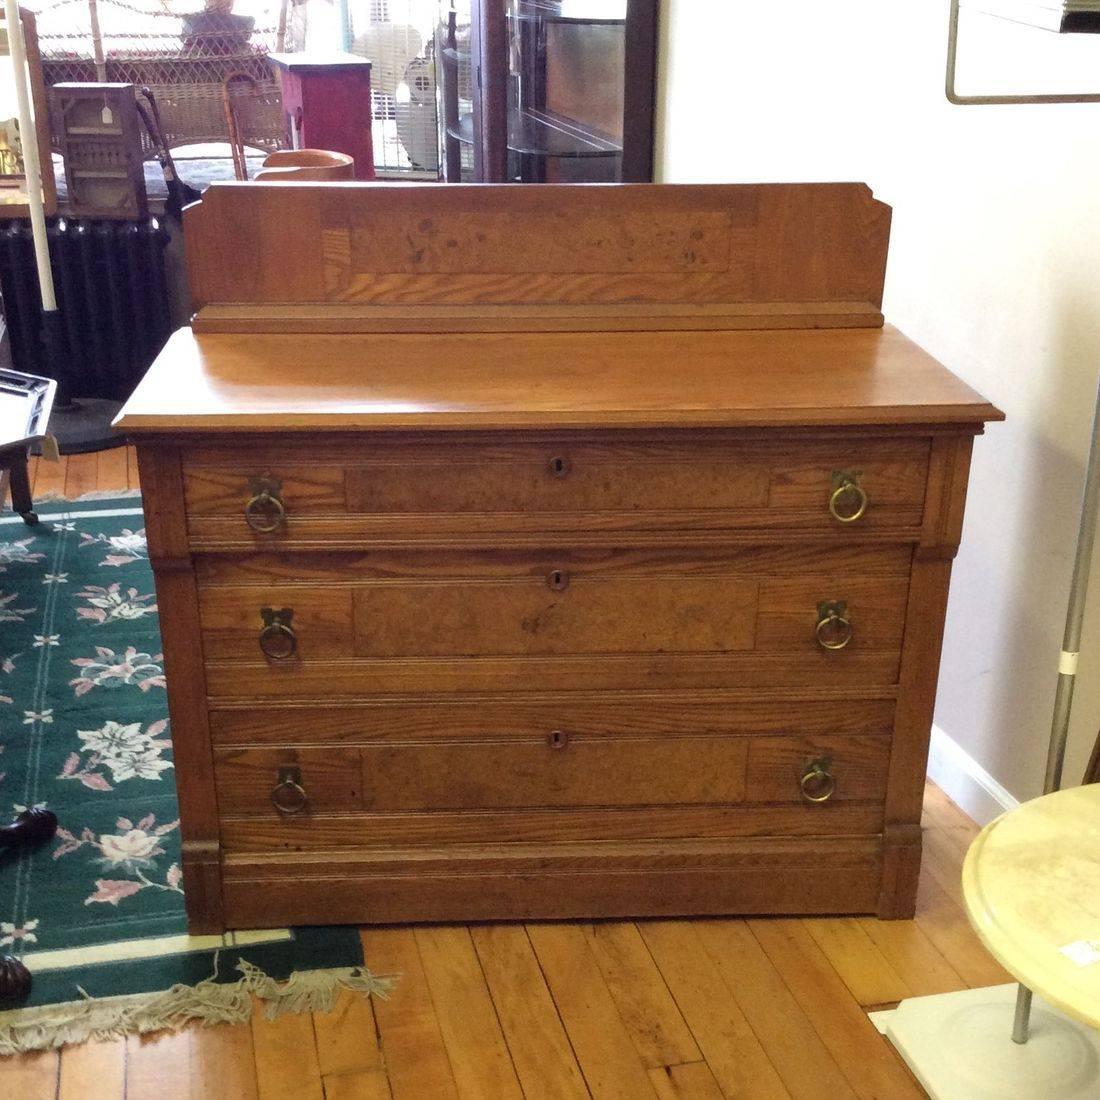 """1880's - 1890's Chestnut 3-Drawer Dresser w/Birdseye Maple Inlay Panels  40-1/2""""W x 18-1/2""""D x 28-3/4""""H ( 36-1/4""""H w/Backsplash )   $225.00"""